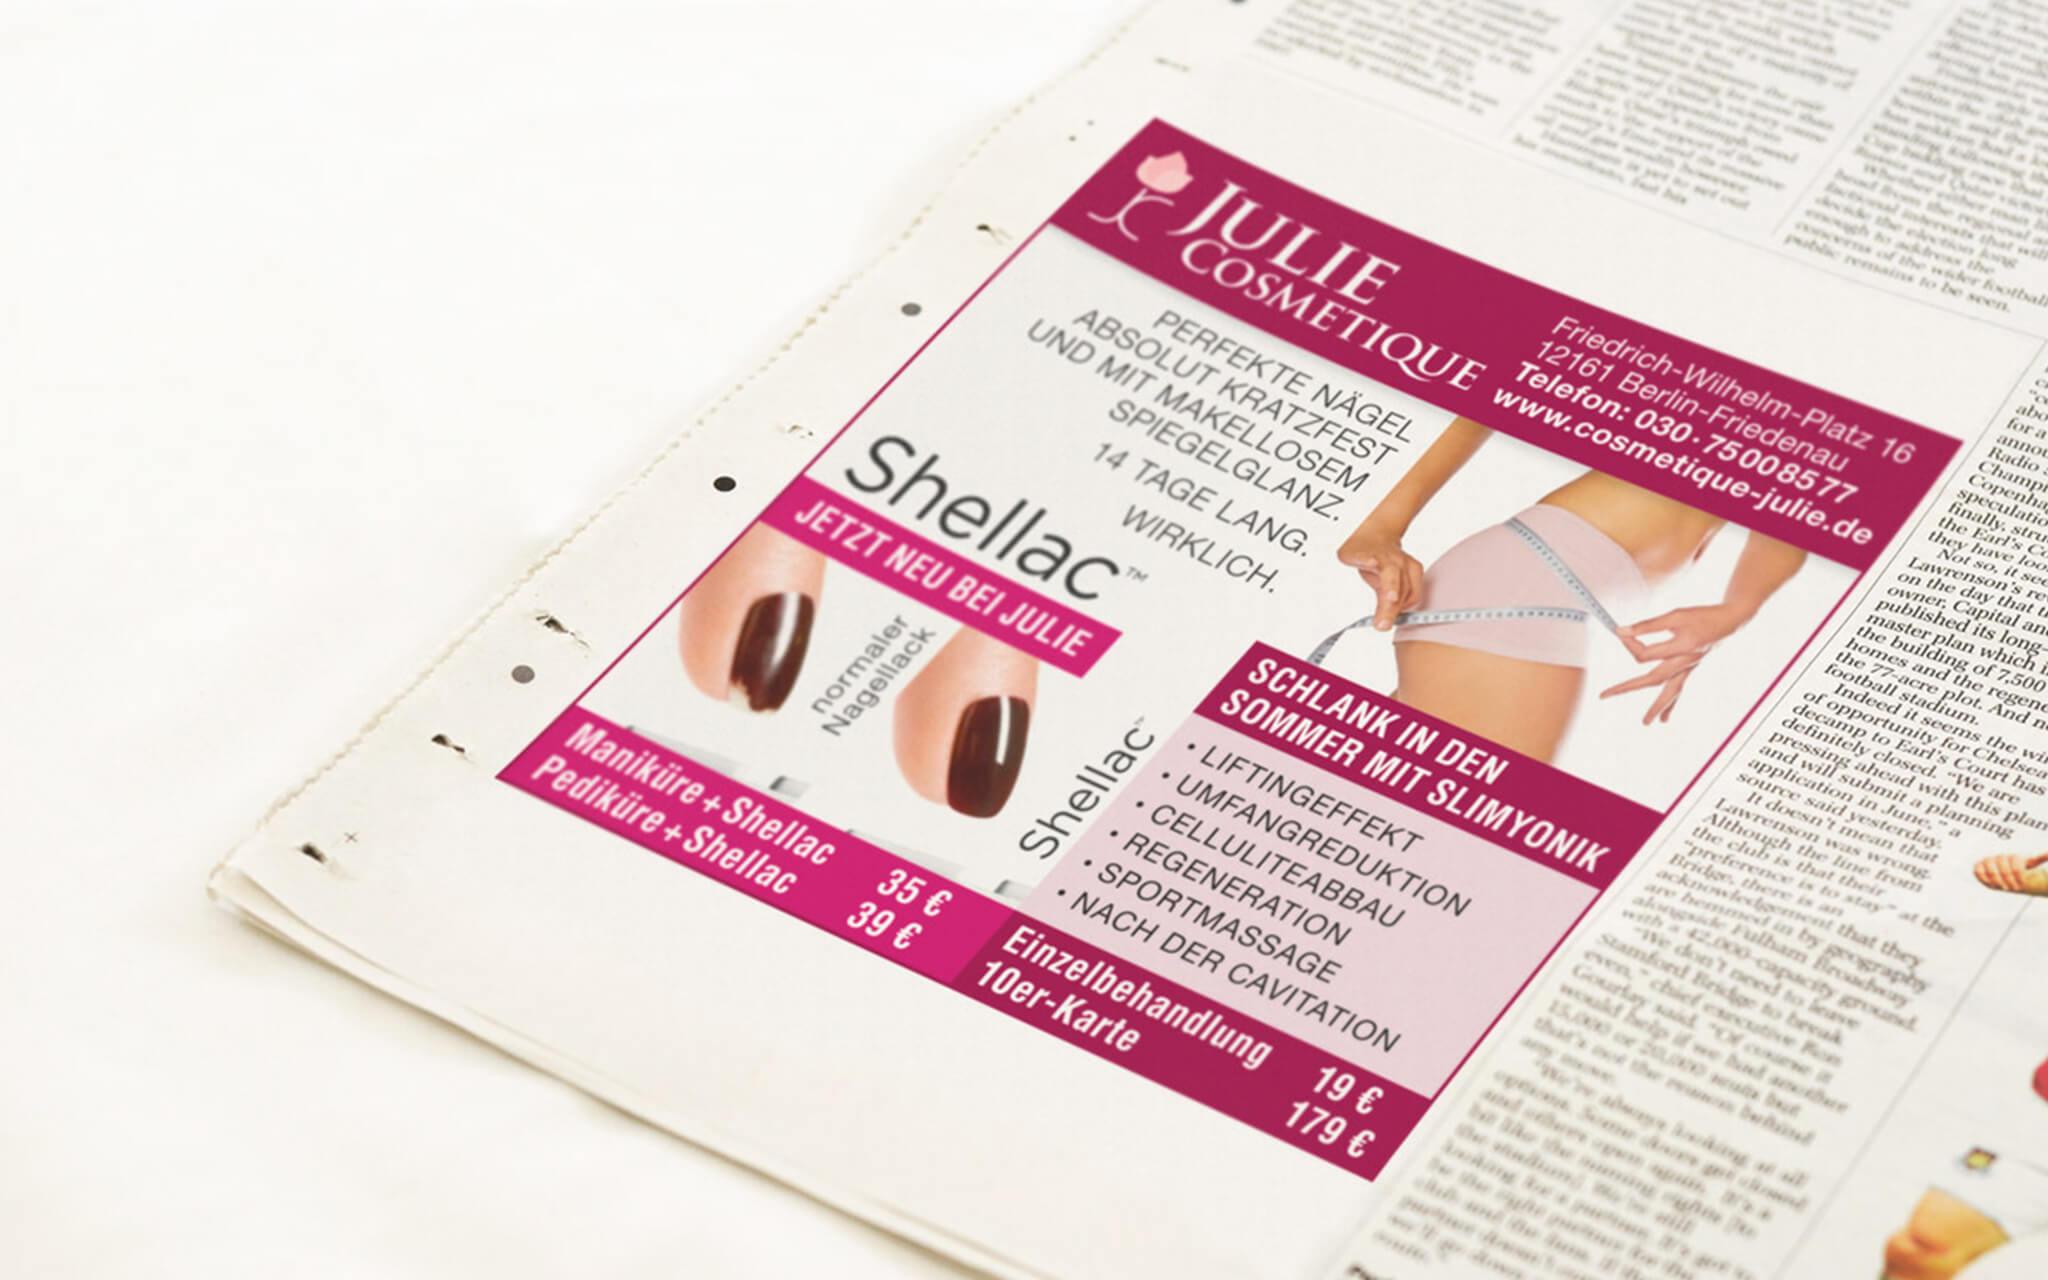 mediarock-cosmetique-julie-anzeige